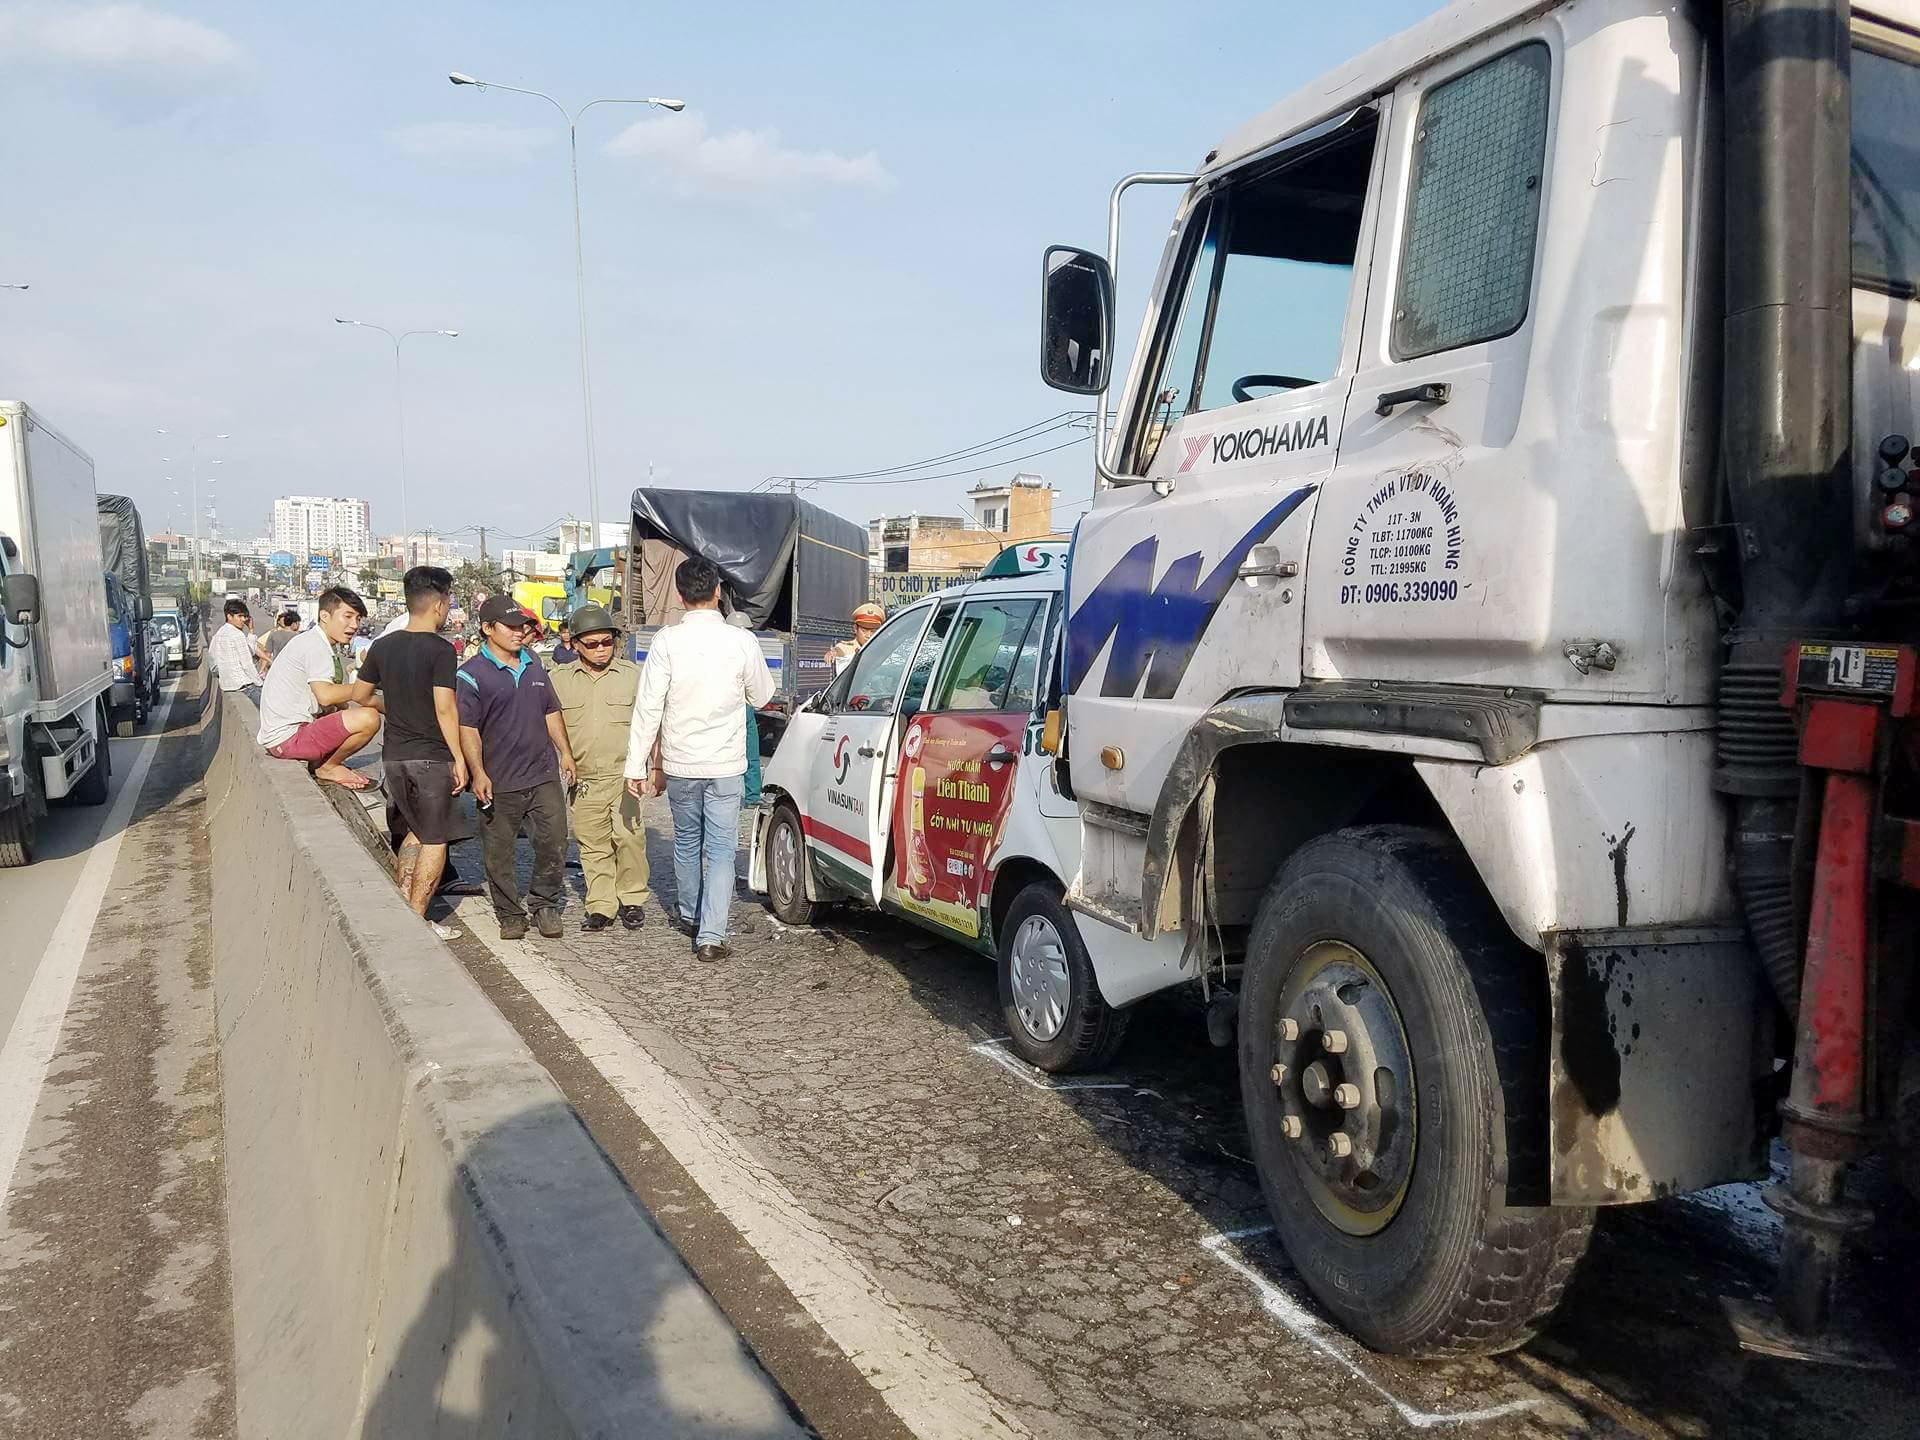 Hiện trường vụ tai nạn liên hoàn giữa 3 ô tô trên cầu vượt An Sương